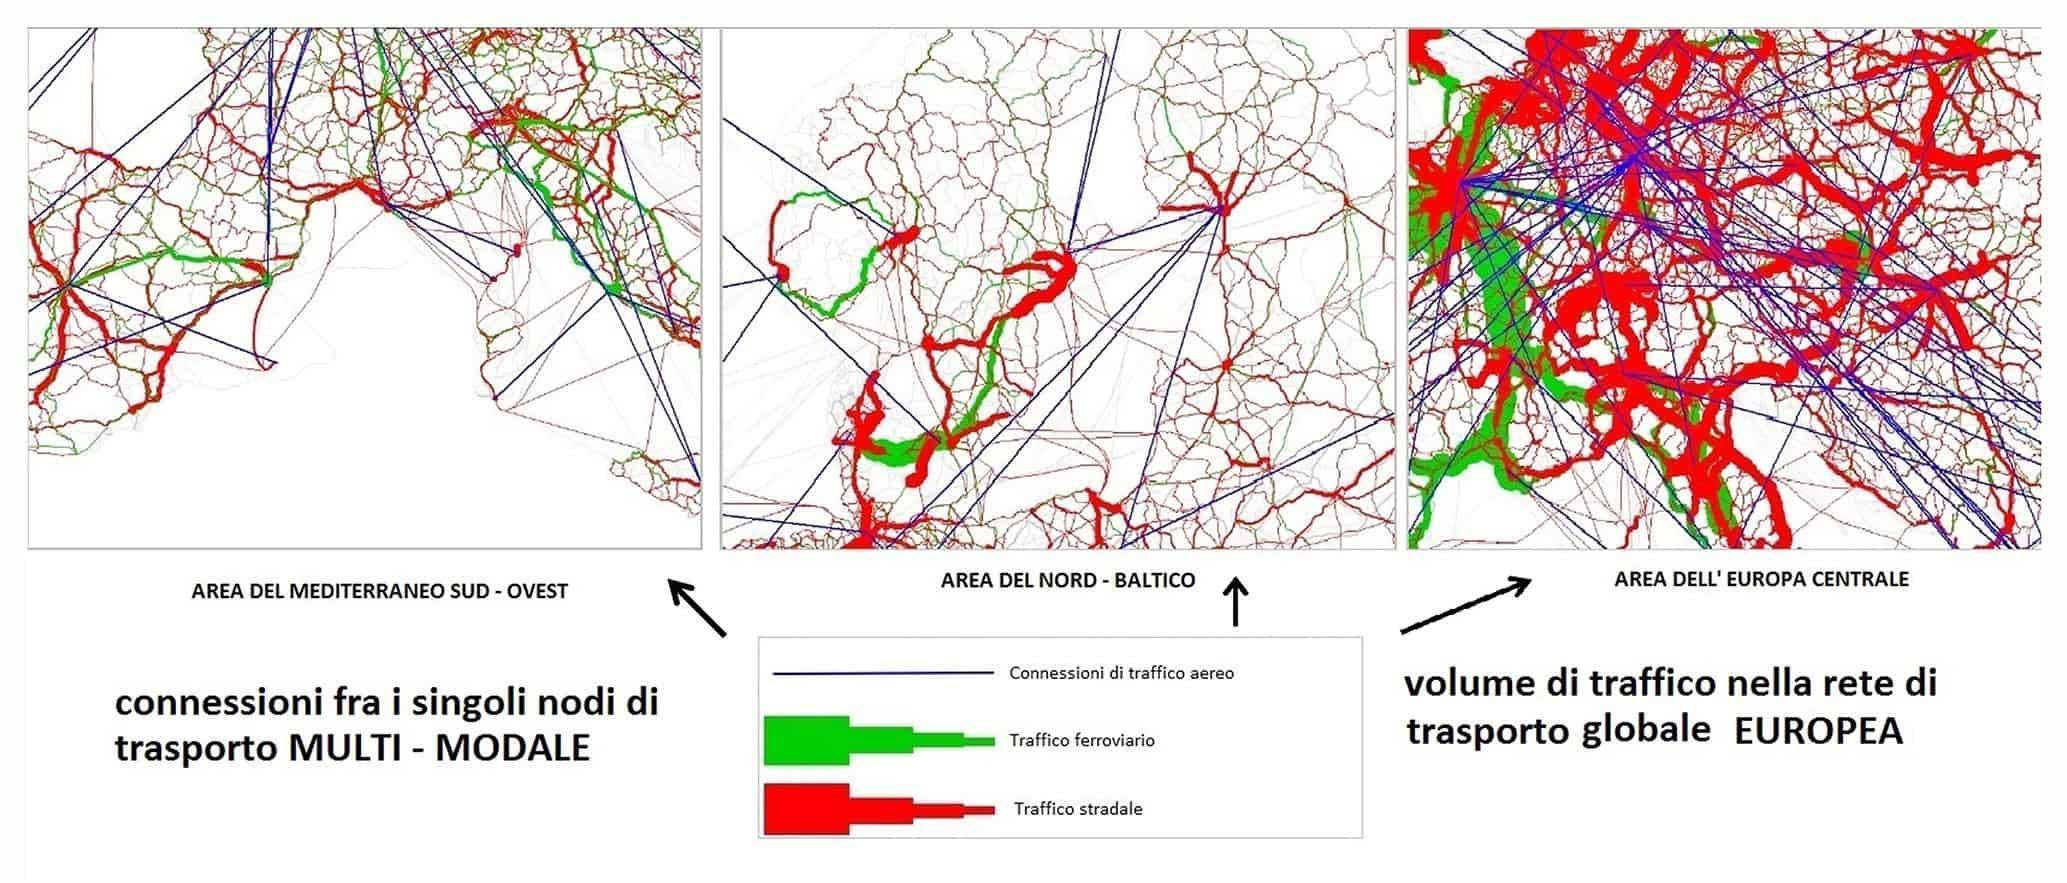 L'assegnamento del traffico nell'Europa centrale (sinistra) - Mediterraneo (centro) - Nord Baltico (destra)